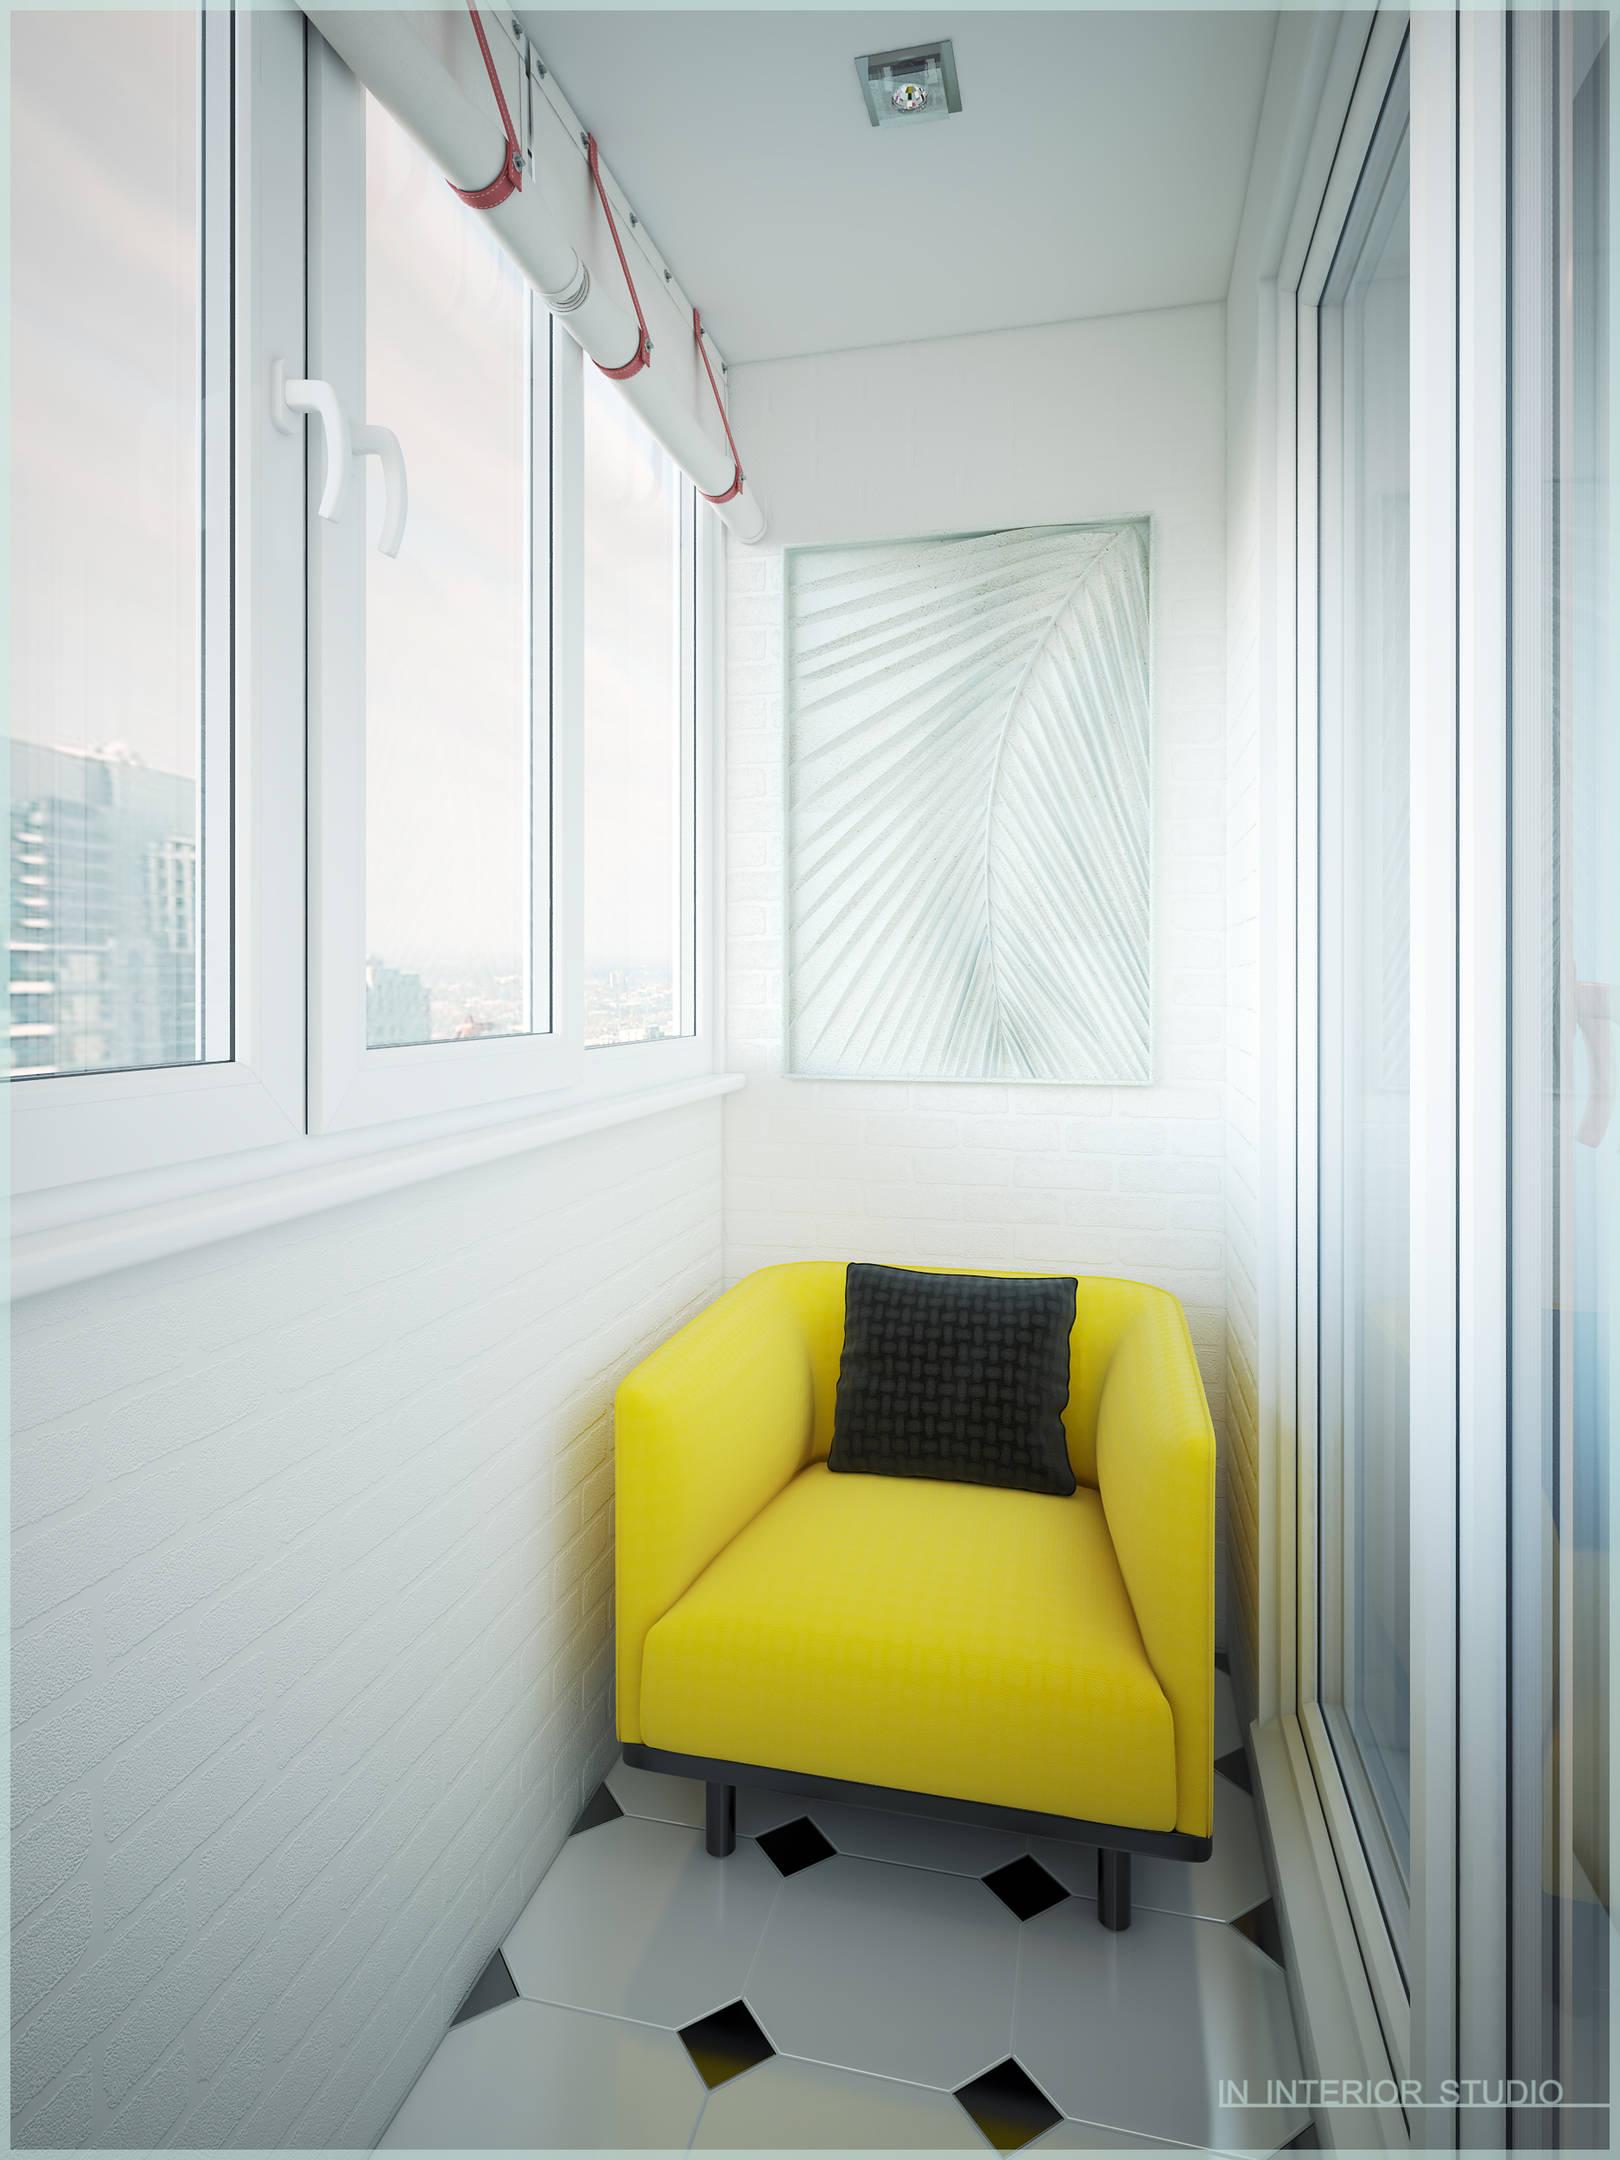 Апартаменты в стиле поп-арт - интерьеры и архитектурные реше.